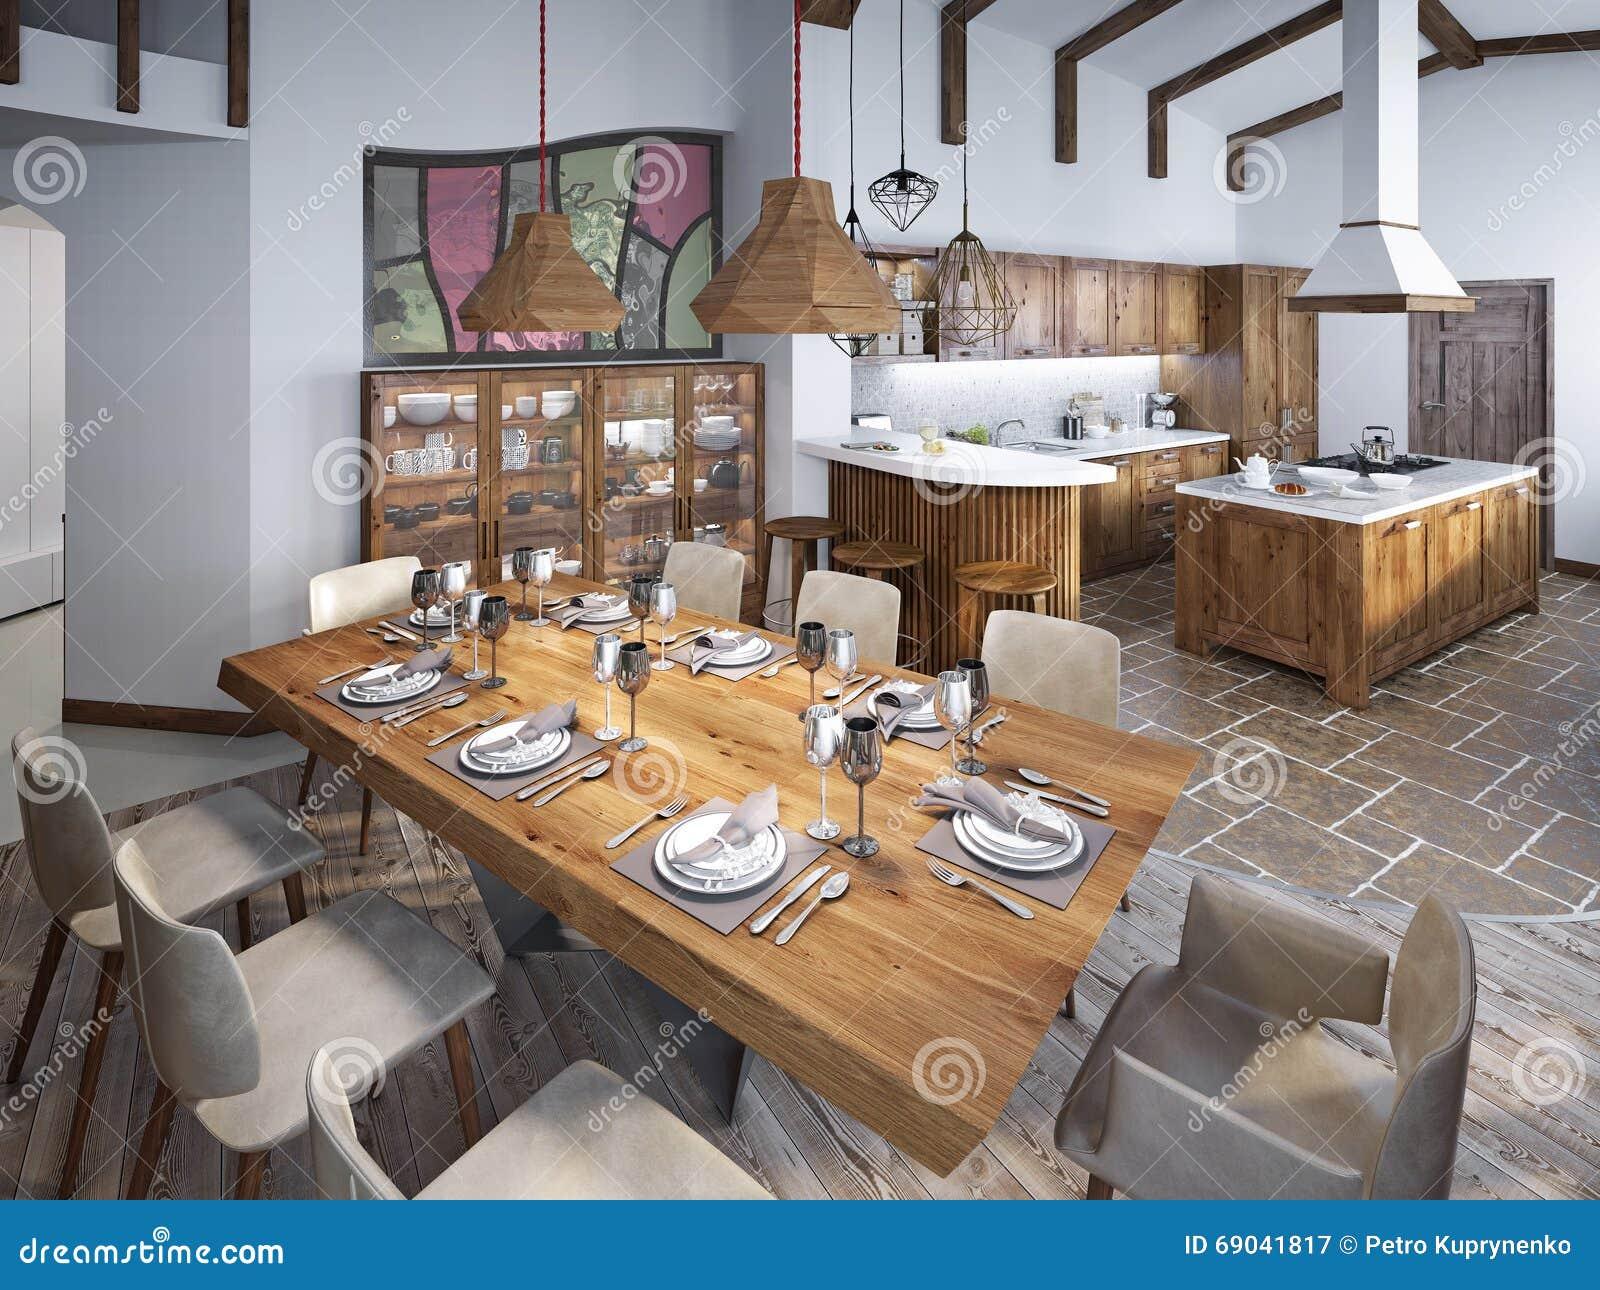 Cucina Soffitti Alti : Sala da pranzo con il grande tavolo da pranzo e soffitti alti nel